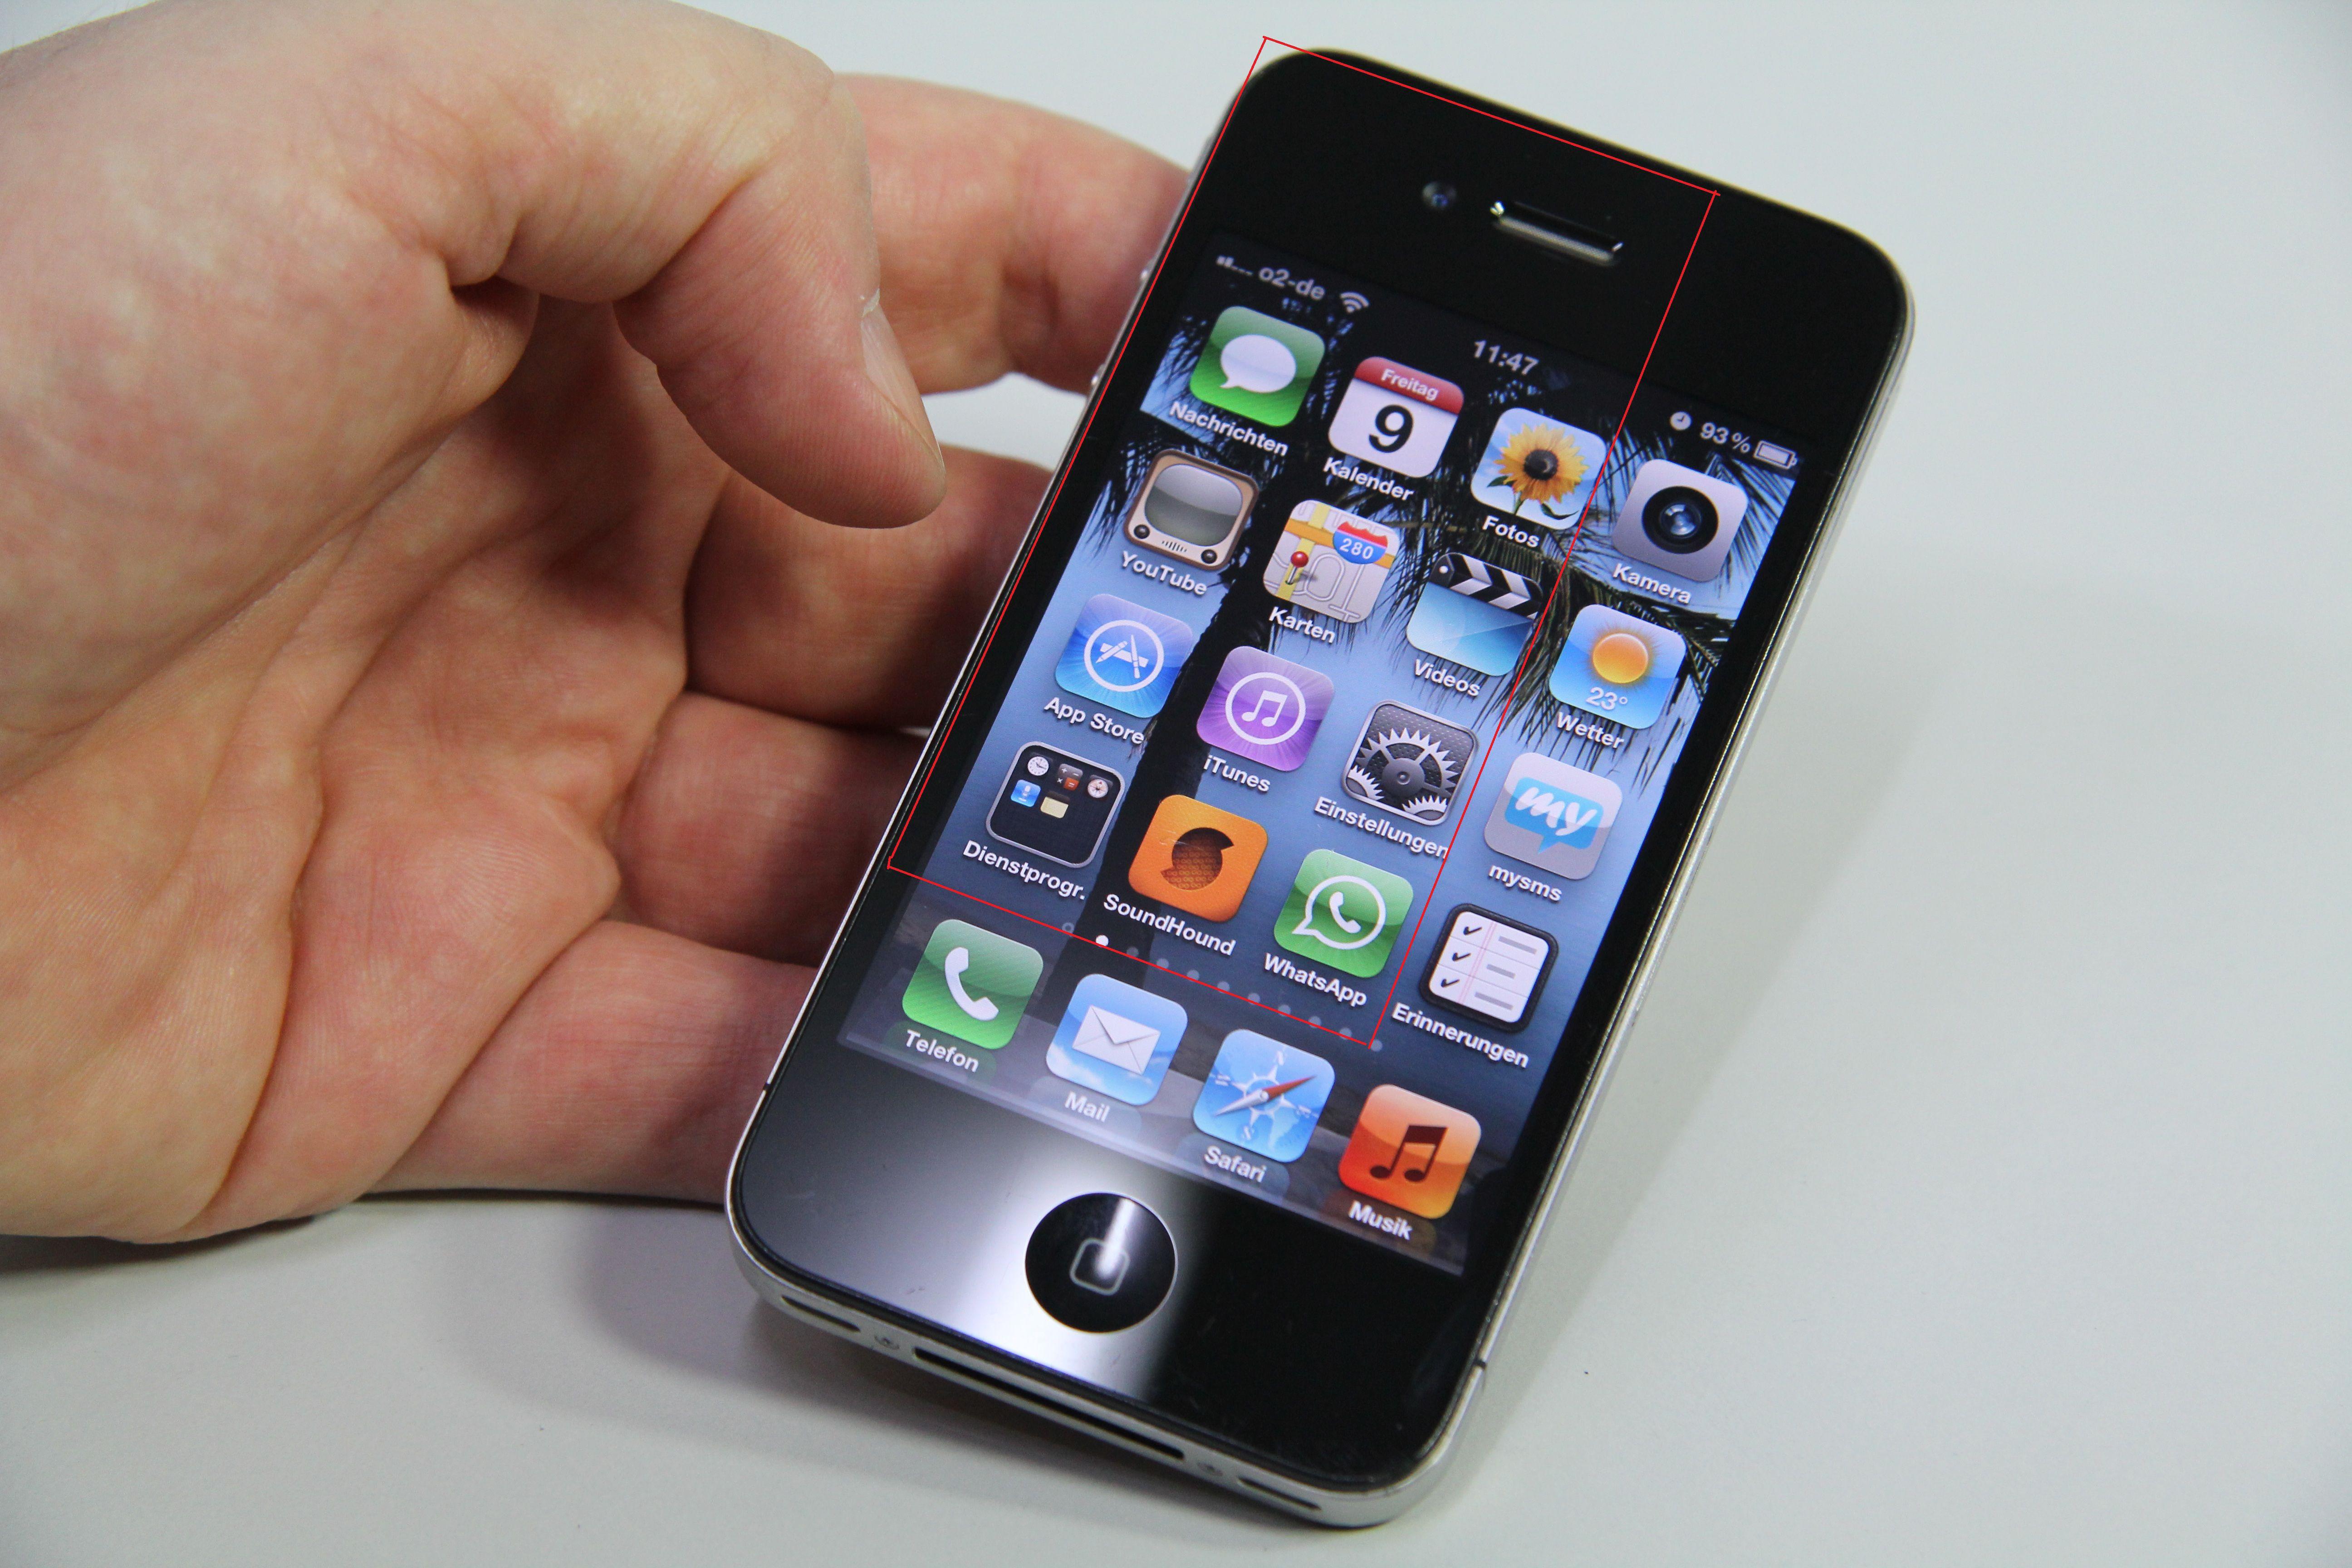 02-Ein-Mini-iPhone_Der-Supportnet-Adventskalenderwunsch-zum-14-Dezember-Apple-iPad-470.JPG?nocache=1323695392293